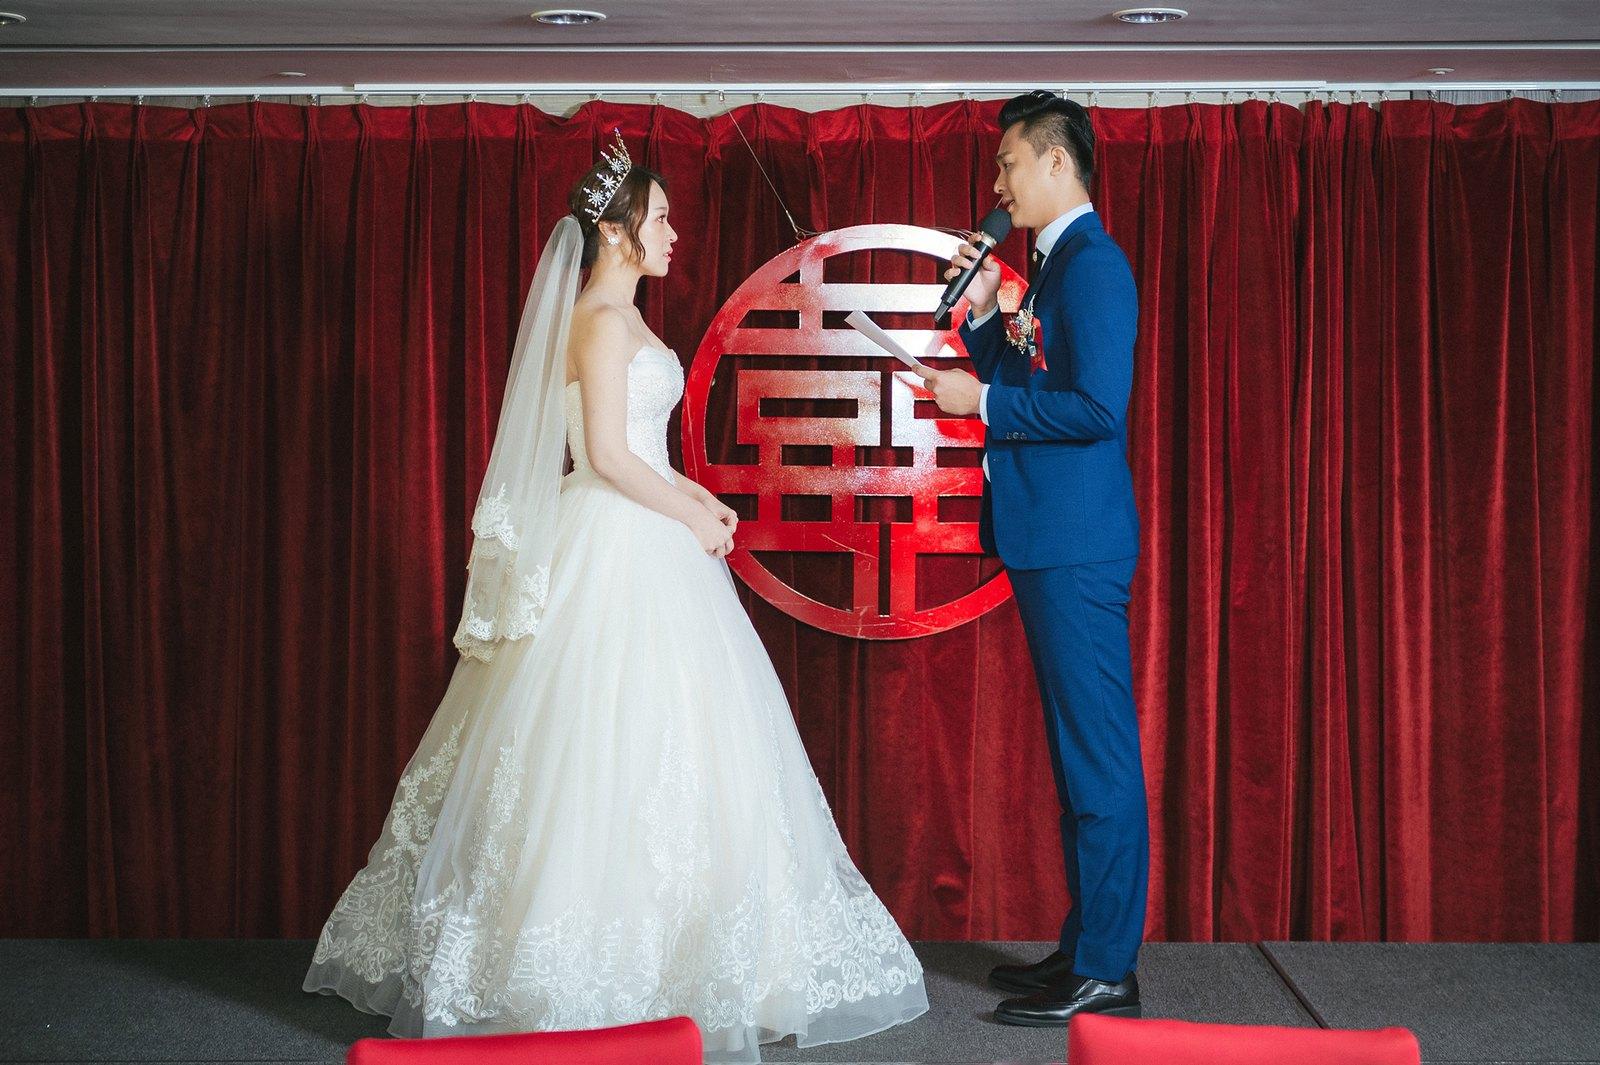 【婚攝】Vic & Andie / 台北喜來登大飯店 / sheratongrandtaipei